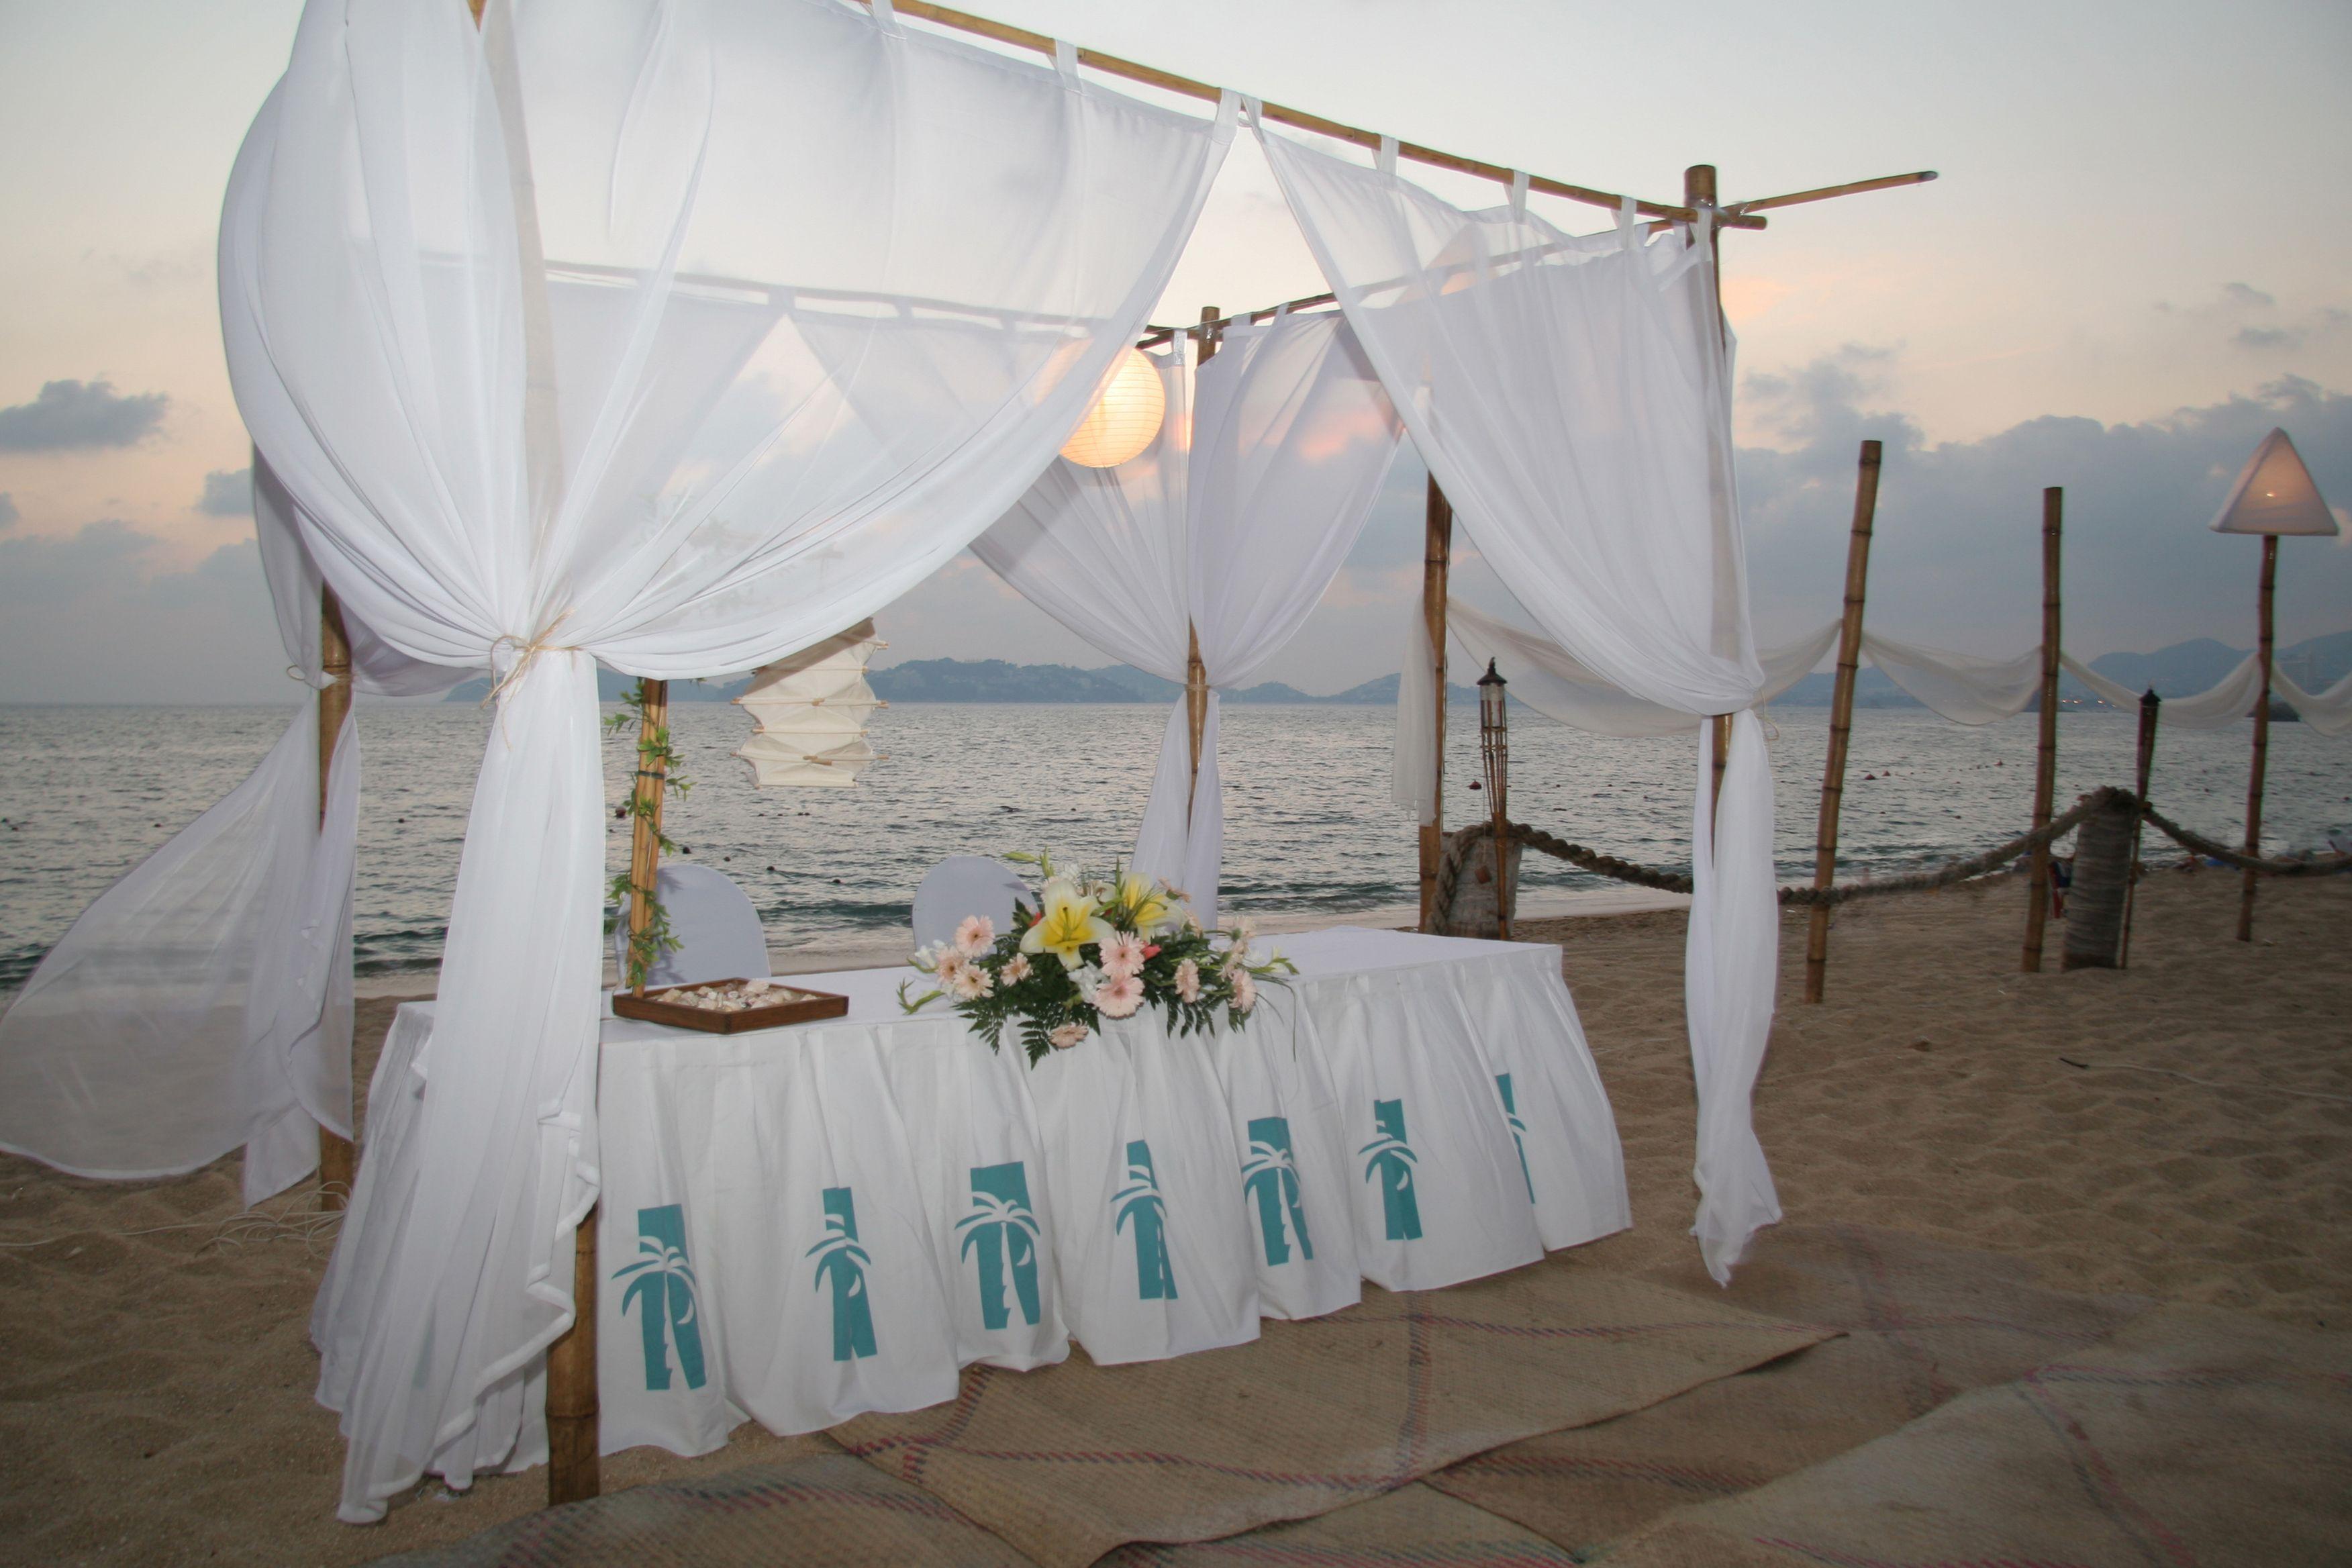 Boda en la playa, al estilo Copacabana... Llámanos: (744) 484 32 60 Ext. 2089 Con mucho gusto te atenderemos.